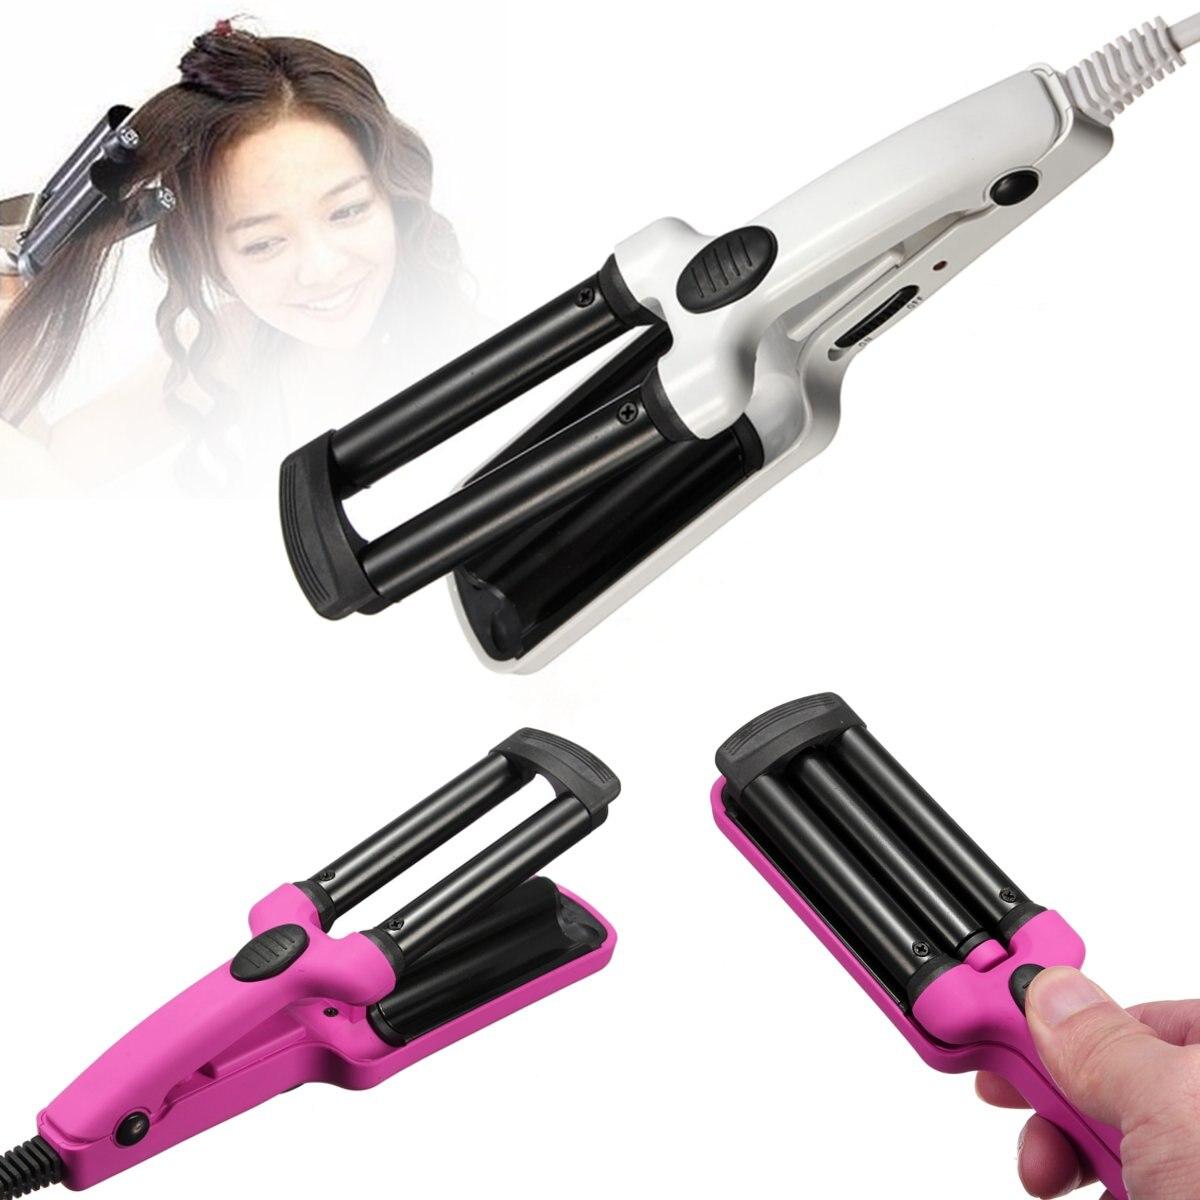 Керамические щипцы для завивки волос с 3 бочками, щипцы для завивки, щипцы для завивки волос, палочка для развевания, ролик для красоты, прибор для личной гигиены, 200 в, салонные инструменты